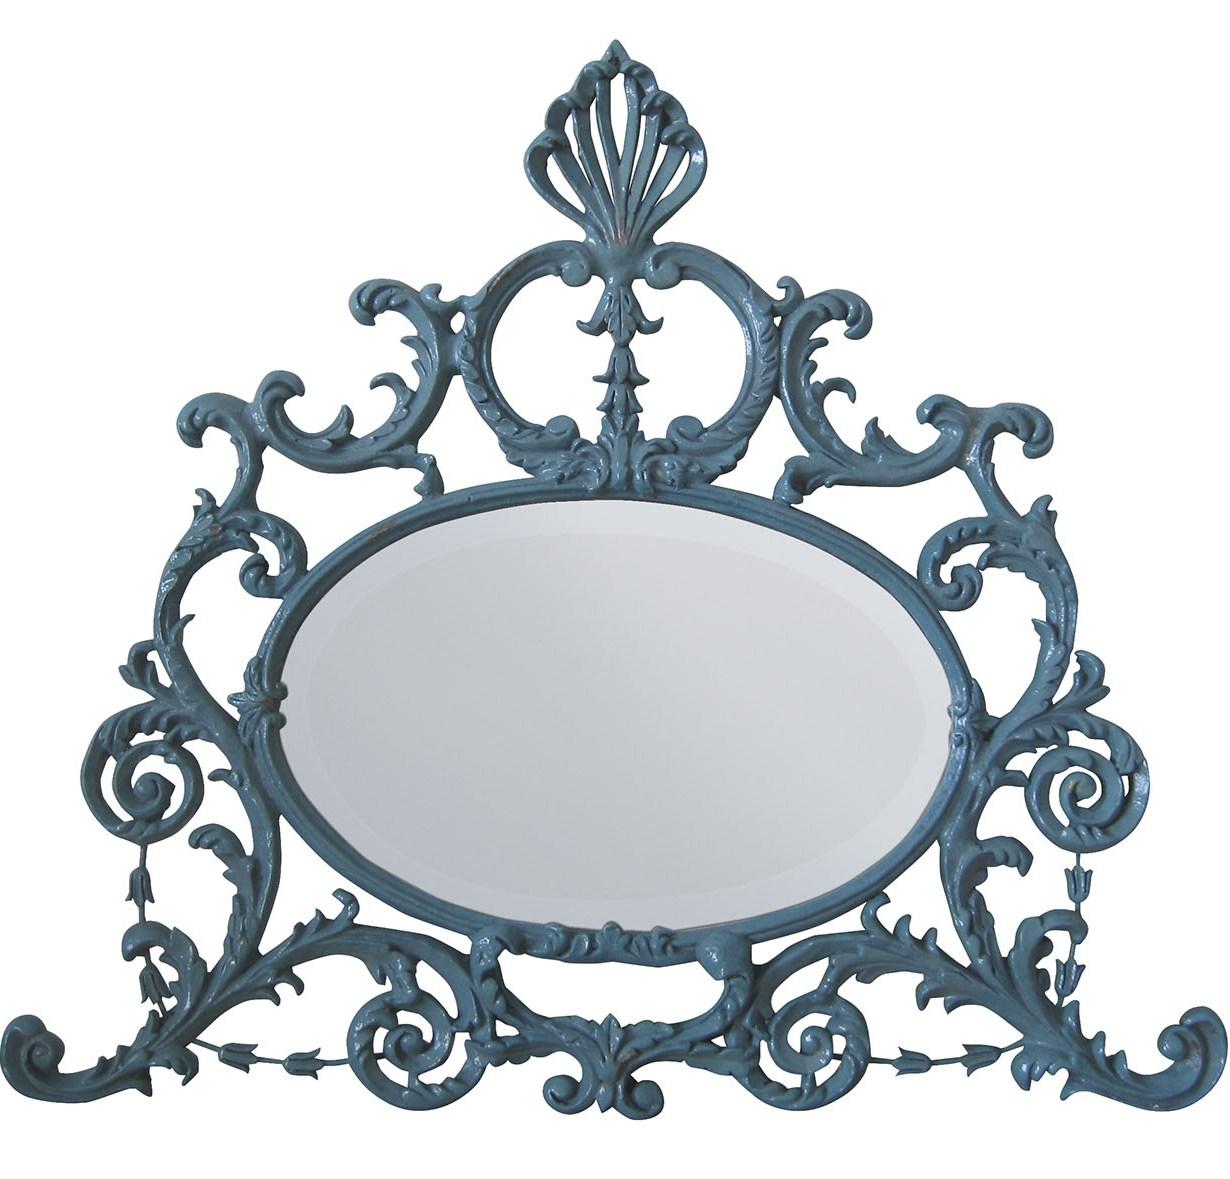 Compra espejos forja en for Compra de espejos